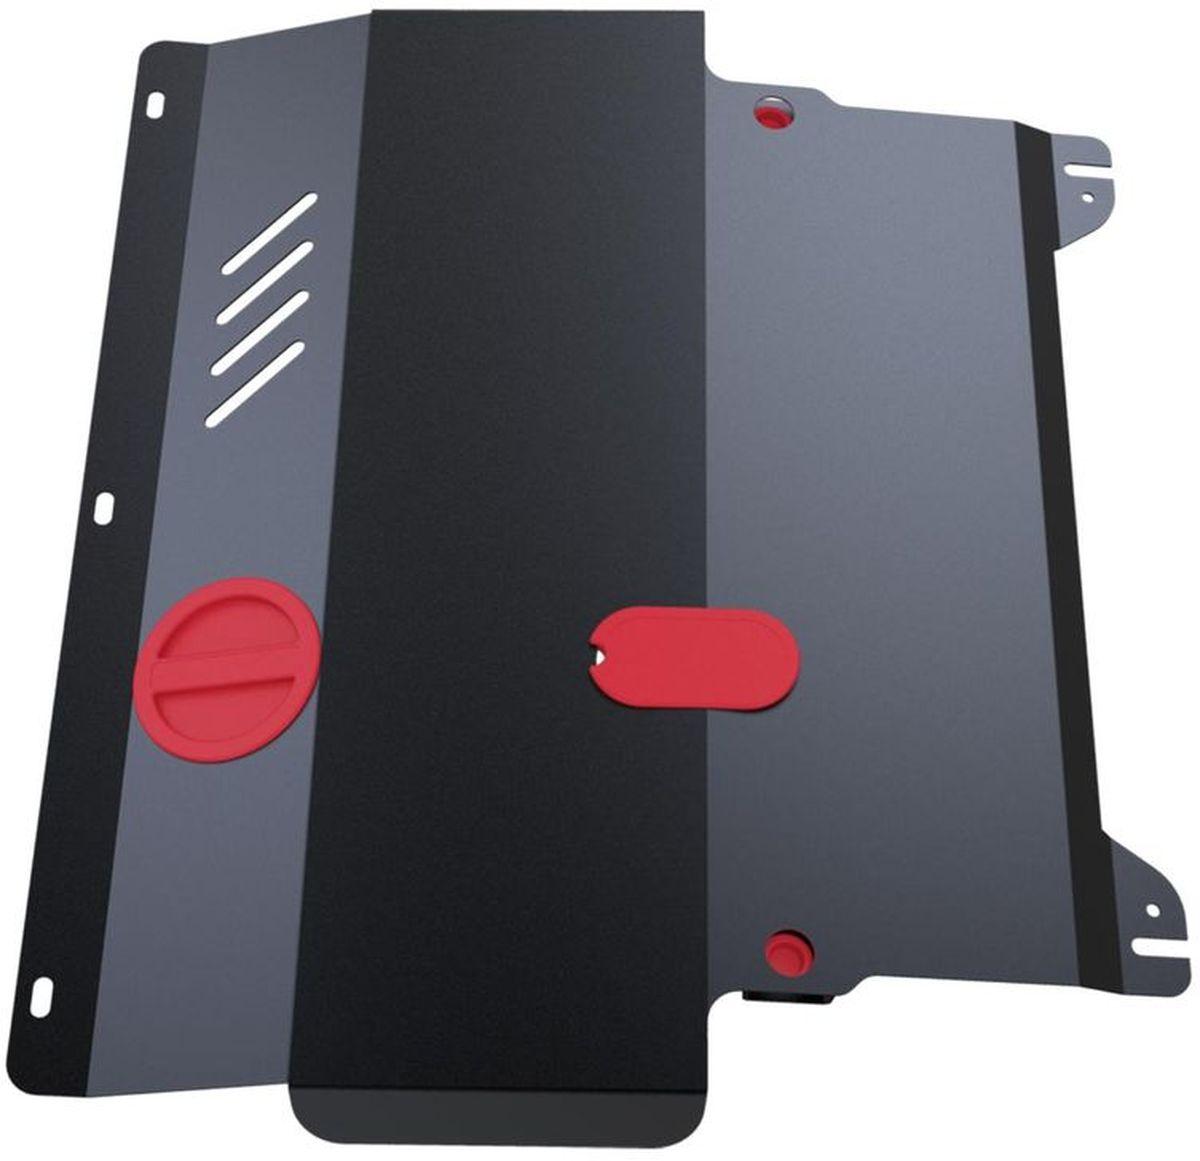 Защита картера Автоброня Nissan NP 300 2008-2015, сталь 2 мм111.04125.1Защита картера Автоброня Nissan NP 300, V - 2,5TD 2008-2015, сталь 2 мм, комплект крепежа, 111.04125.1Дополнительно можно приобрести другие защитные элементы из комплекта: защита КПП - 111.04126.1, защита РК - 111.04127.1Стальные защиты Автоброня надежно защищают ваш автомобиль от повреждений при наезде на бордюры, выступающие канализационные люки, кромки поврежденного асфальта или при ремонте дорог, не говоря уже о загородных дорогах.- Имеют оптимальное соотношение цена-качество.- Спроектированы с учетом особенностей автомобиля, что делает установку удобной.- Защита устанавливается в штатные места кузова автомобиля.- Является надежной защитой для важных элементов на протяжении долгих лет.- Глубокий штамп дополнительно усиливает конструкцию защиты.- Подштамповка в местах крепления защищает крепеж от срезания.- Технологические отверстия там, где они необходимы для смены масла и слива воды, оборудованные заглушками, закрепленными на защите.Толщина стали 2 мм.В комплекте крепеж и инструкция по установке.Уважаемые клиенты!Обращаем ваше внимание на тот факт, что защита имеет форму, соответствующую модели данного автомобиля. Наличие глубокого штампа и лючков для смены фильтров/масла предусмотрено не на всех защитах. Фото служит для визуального восприятия товара.